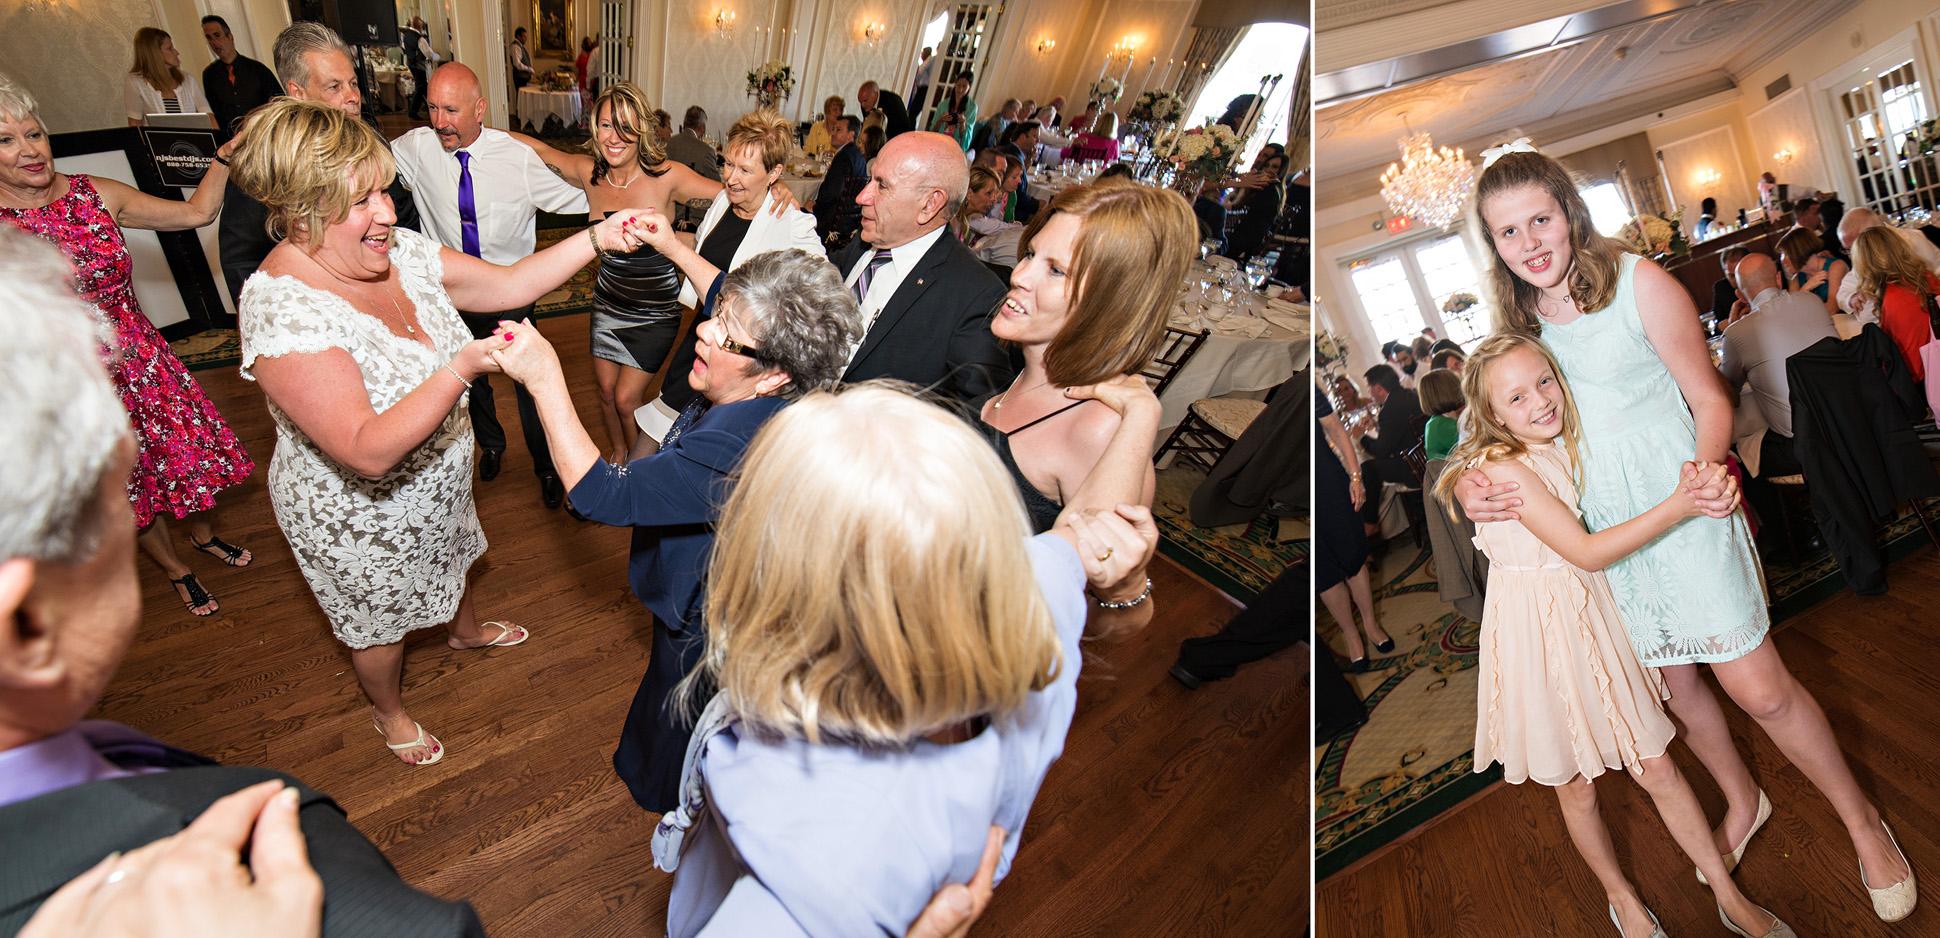 56-Sara Stadtmiller-SRS-Photography-Asbury-Park-Wedding-Photographer-Monmouth-County-Wedding-Photographer-NJ-Wedding-Photographer-Molly-Pitcher-Inn-Wedding